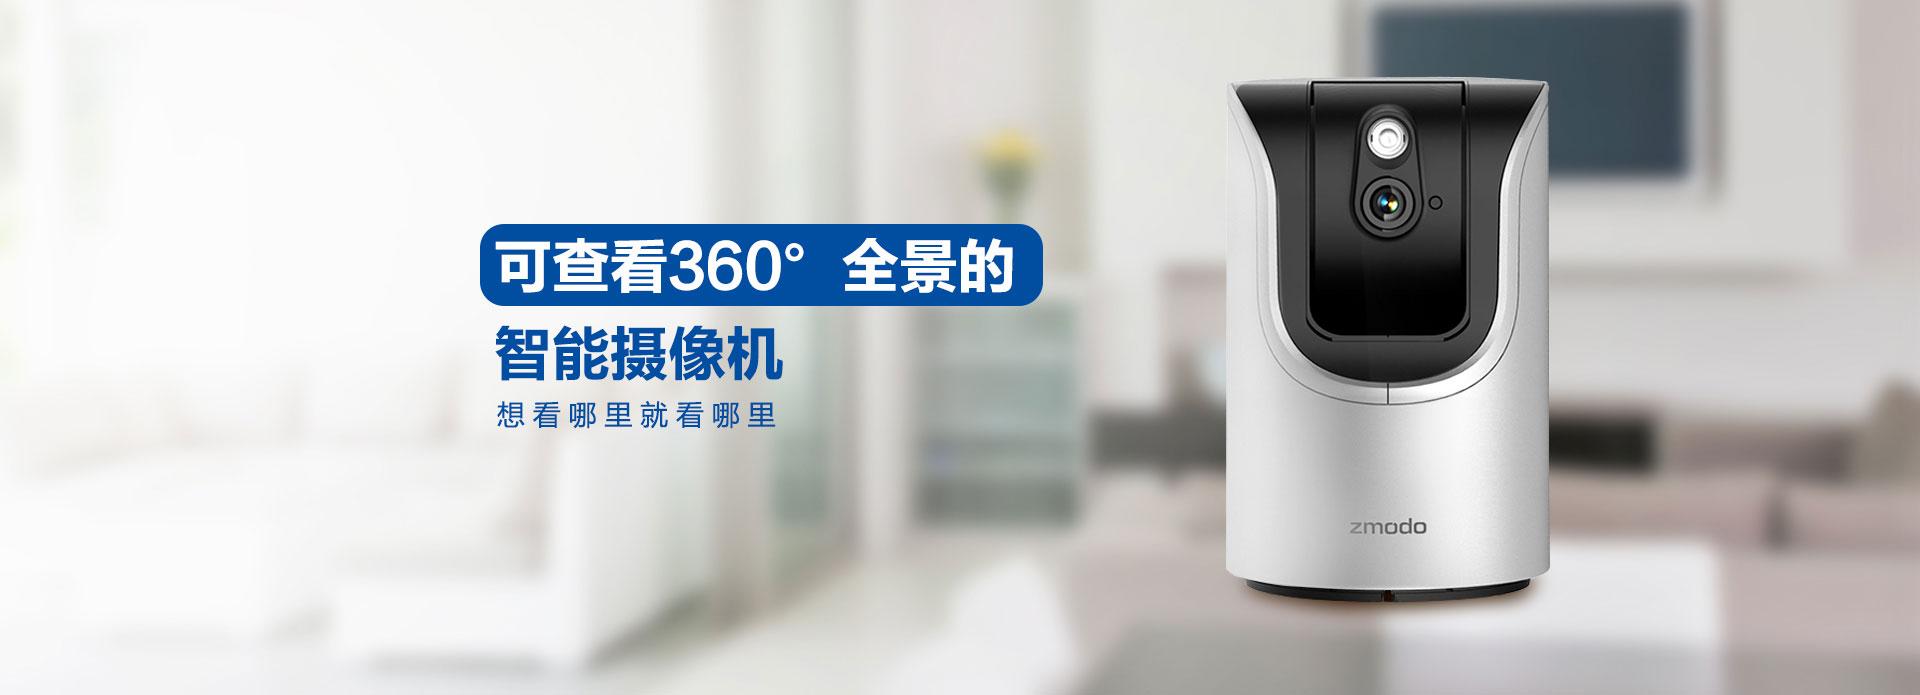 智美达360度智能摄像机